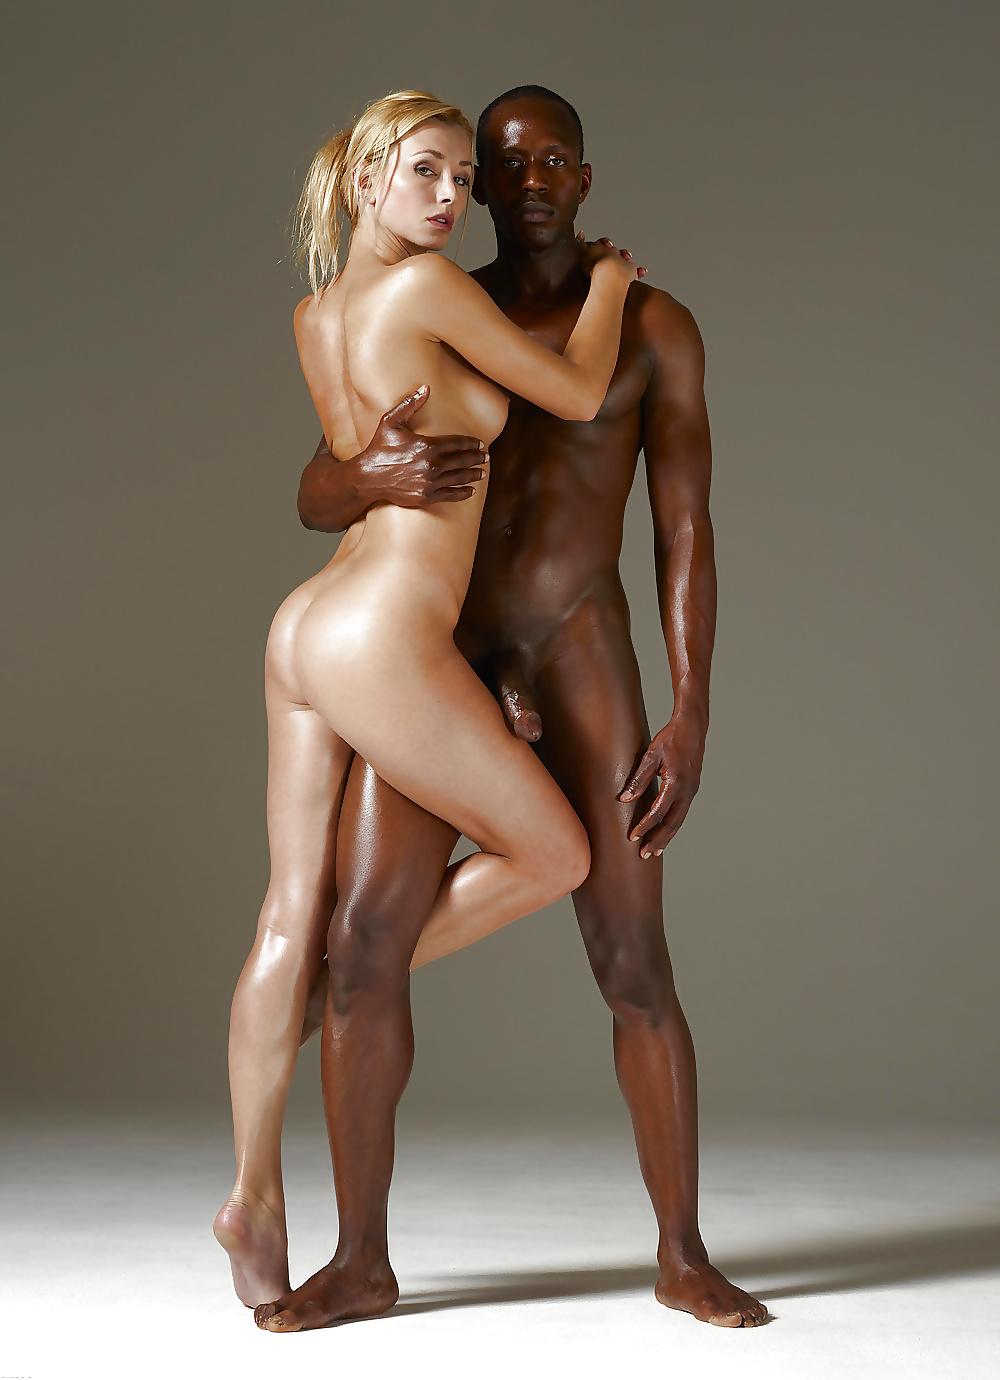 Met art interracial sex — pic 11